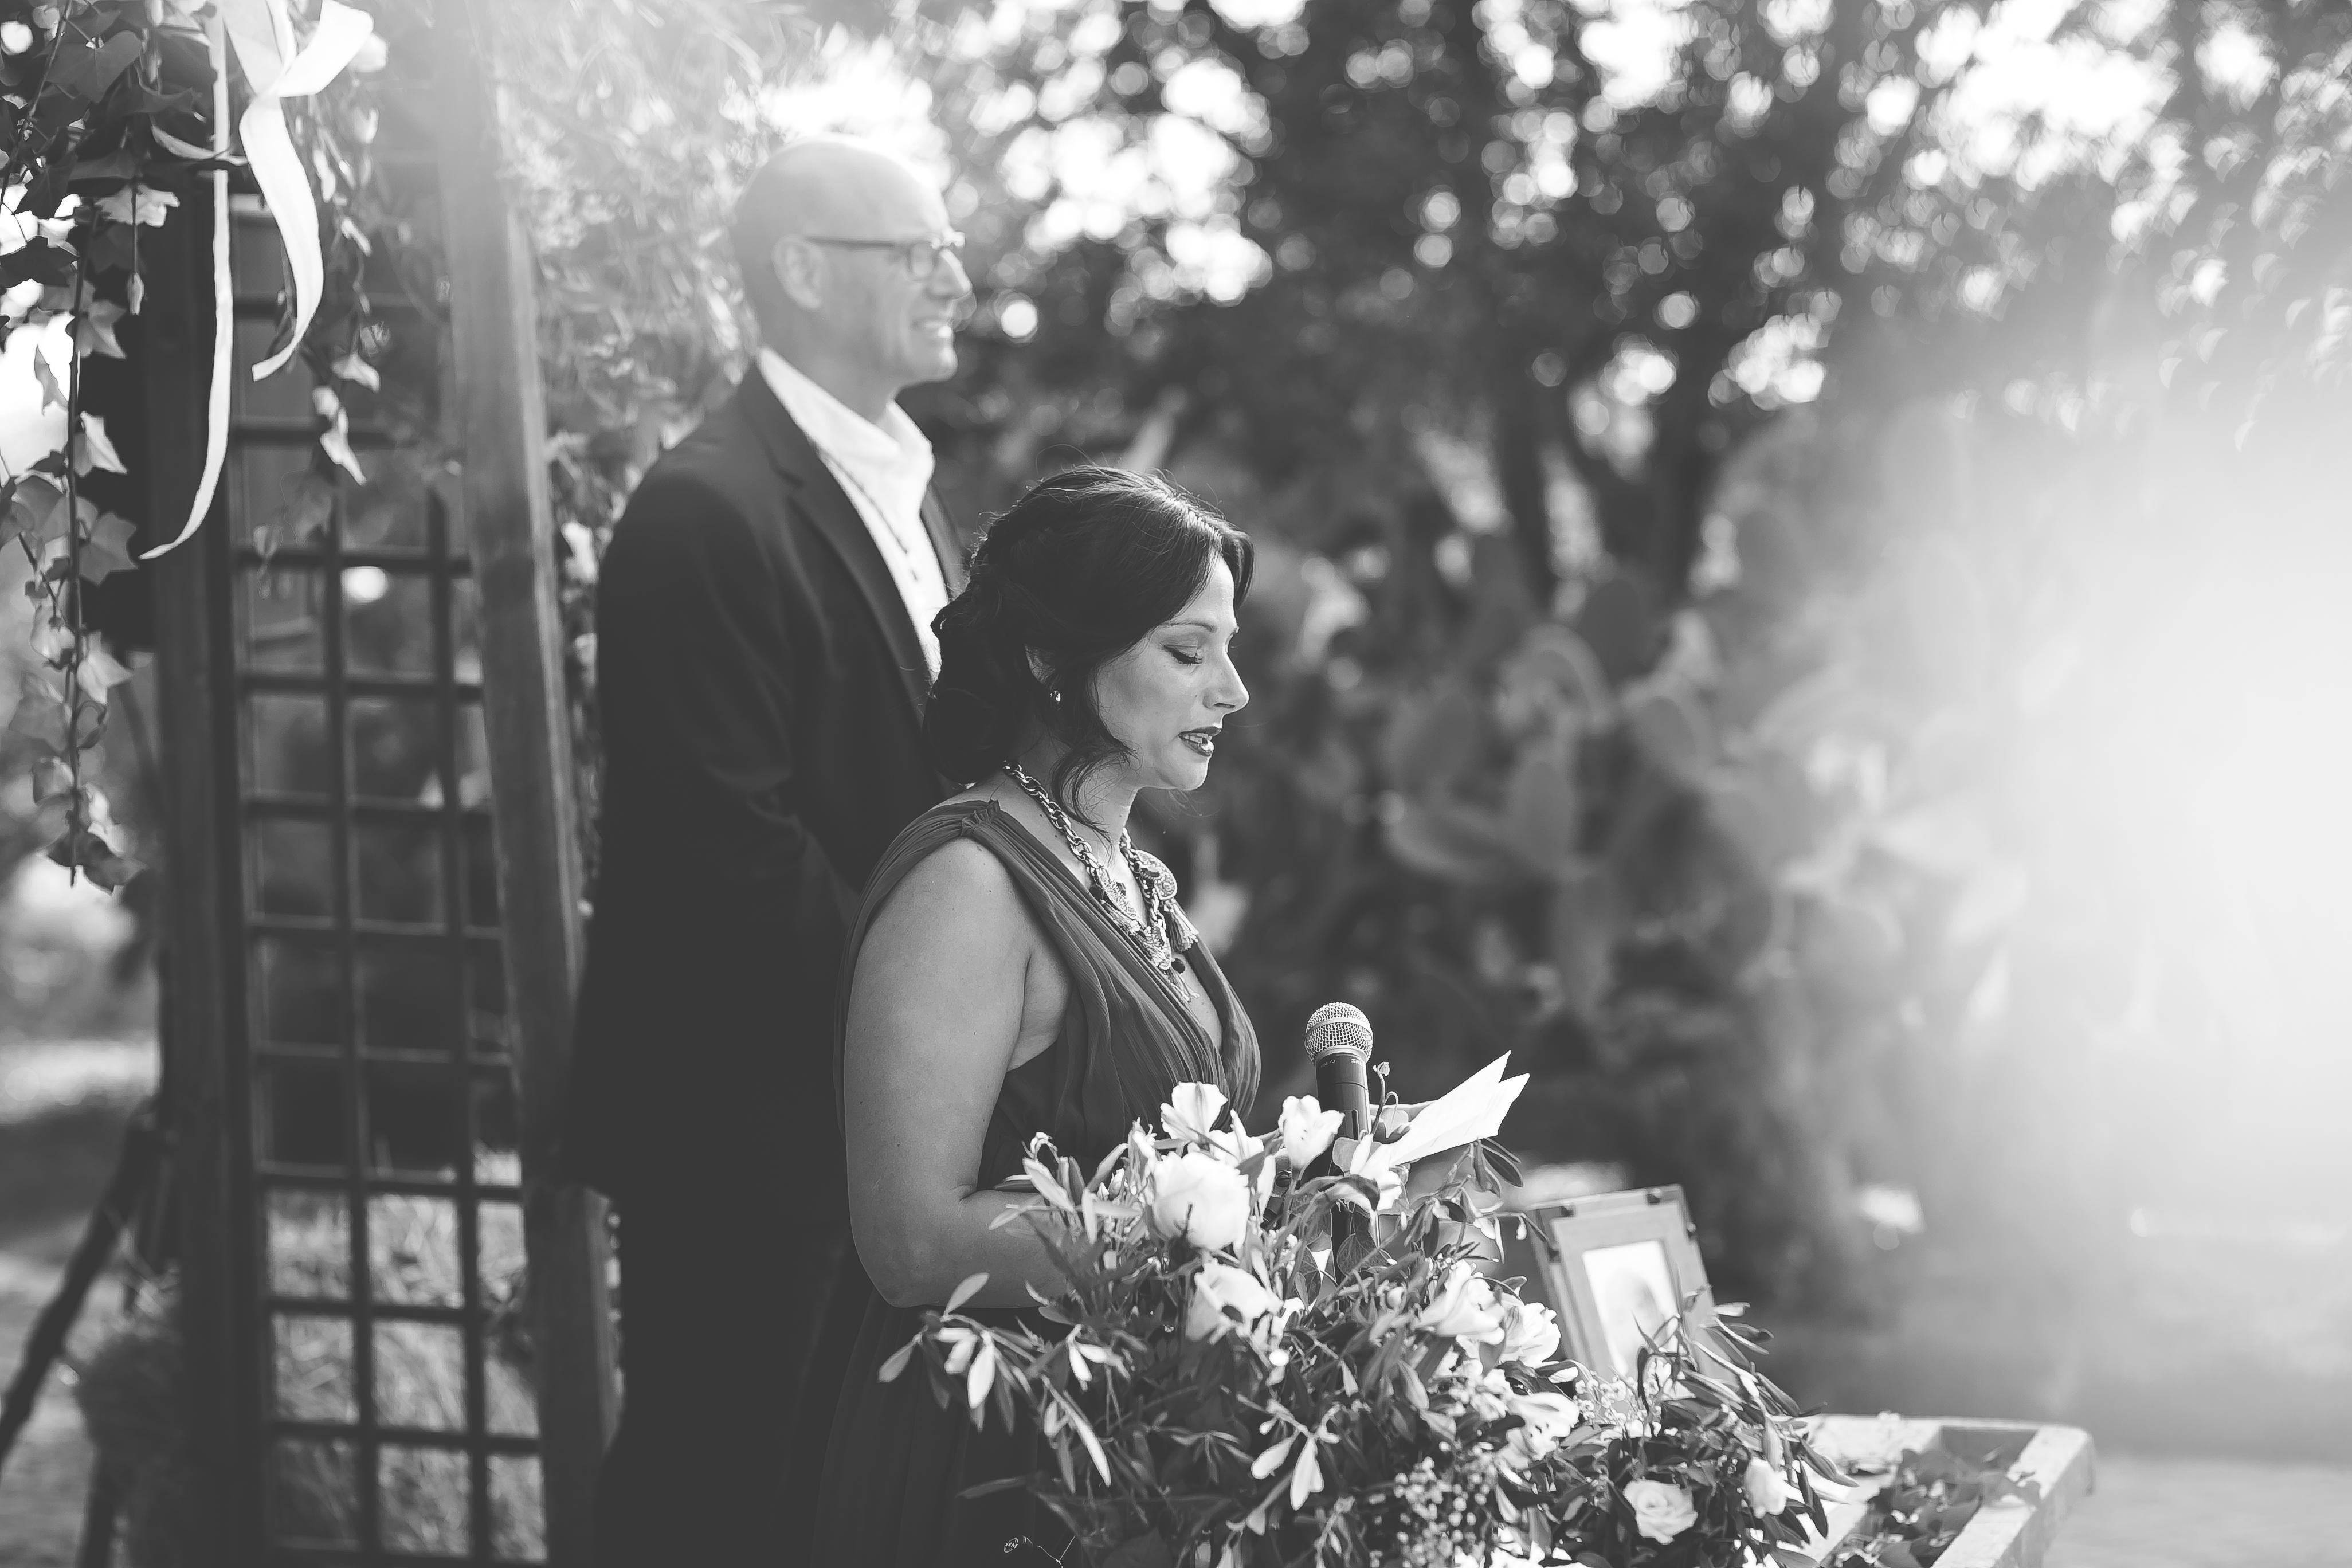 Mg 3439 fotografo de bodas en palma de mallorca joanfrank - Fotografo en mallorca ...